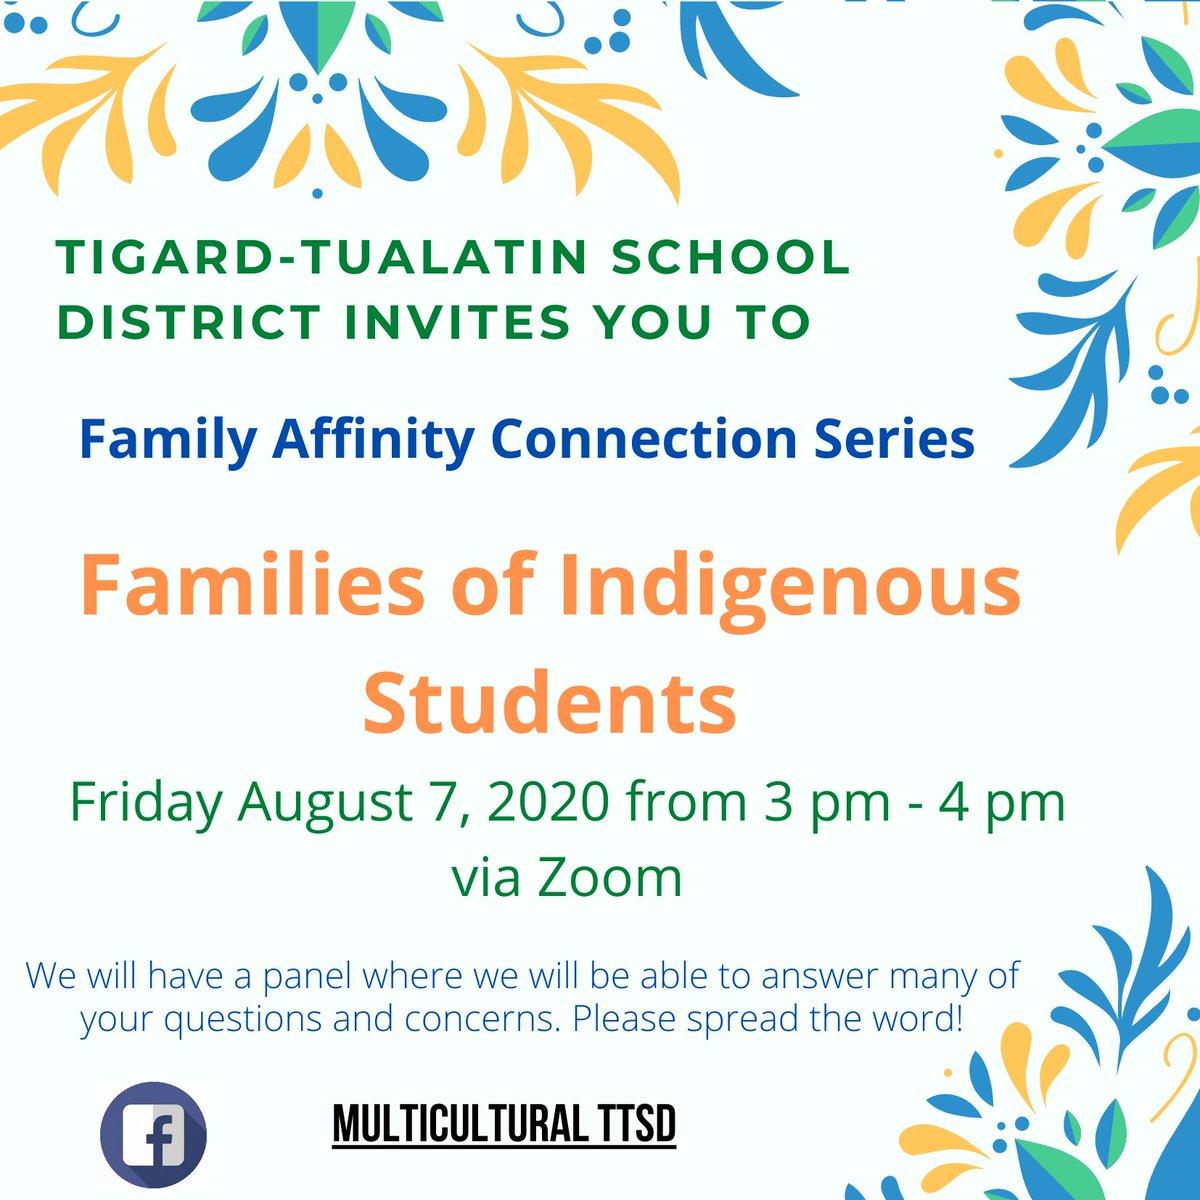 Tigard Tualatin Sd (@tigardtualsd) | Twitter Throughout Tigard Tualatin School Calendar 2021